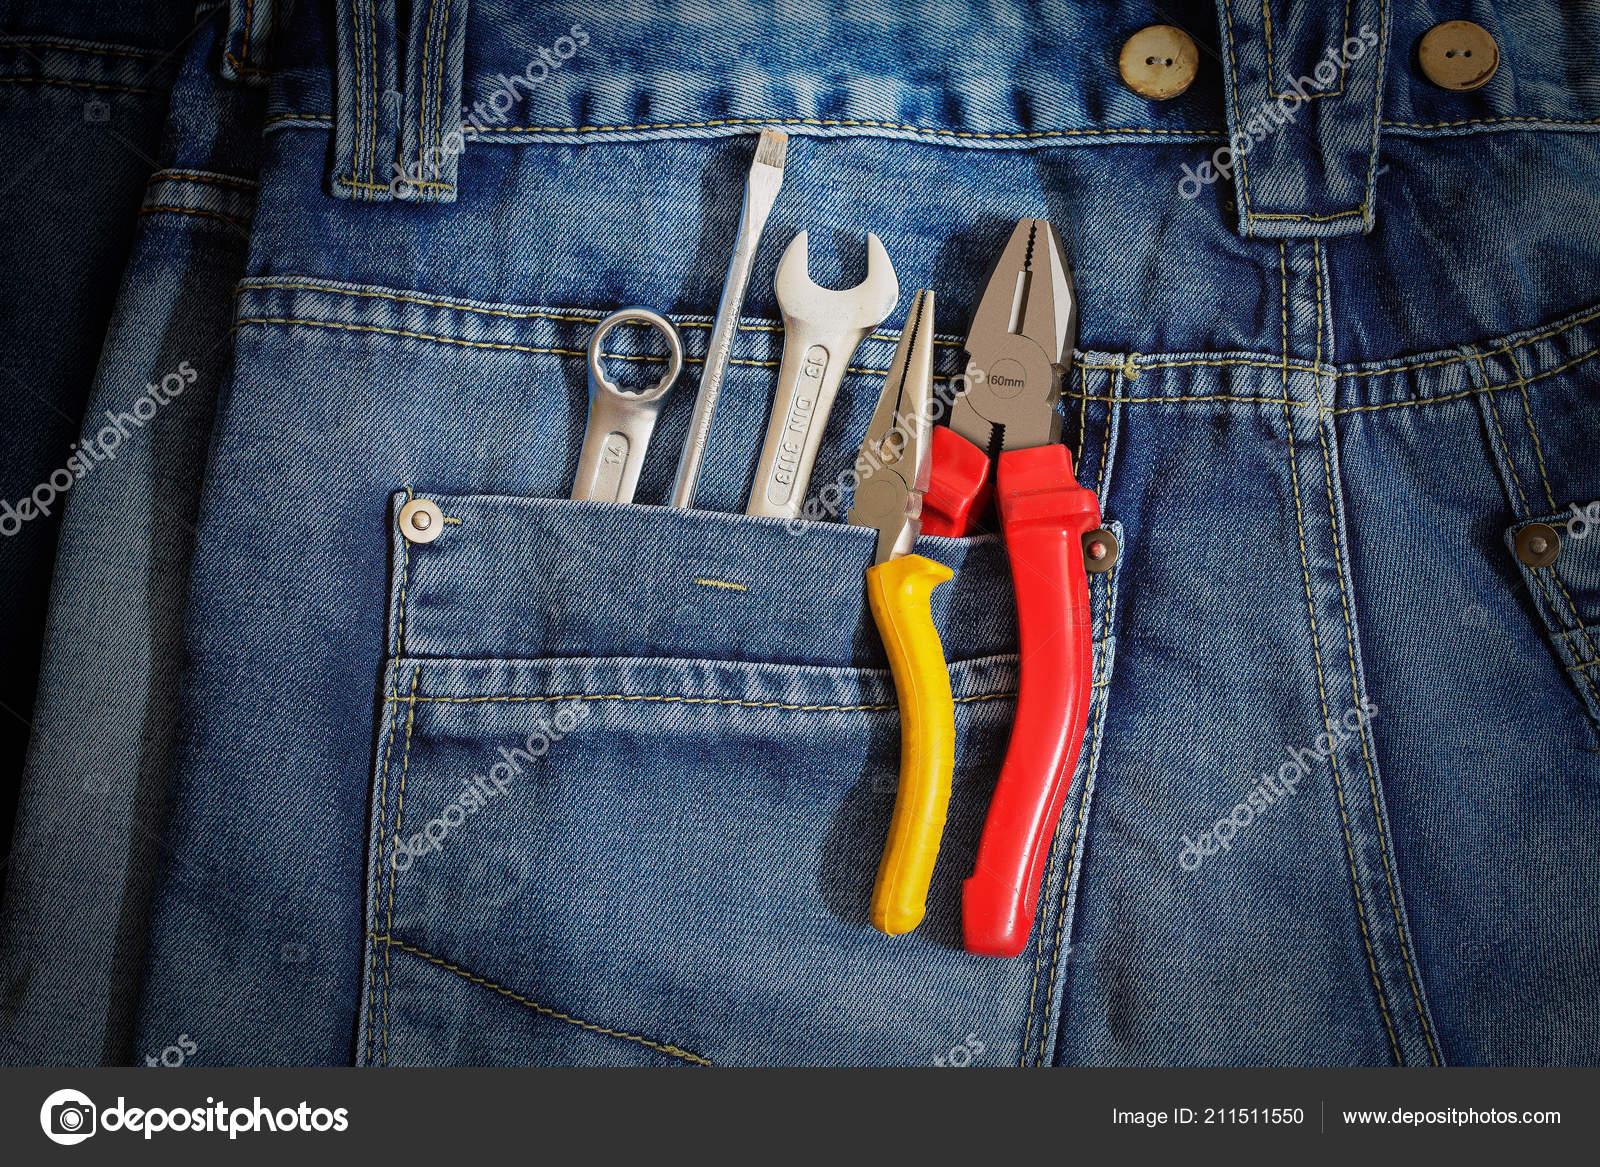 5bad70cb Várias ferramentas em um bolso de trabalhadores de jeans em tons com um app  de efeito de filtro retrô vintage instagram ou ação — Fotografia por ...